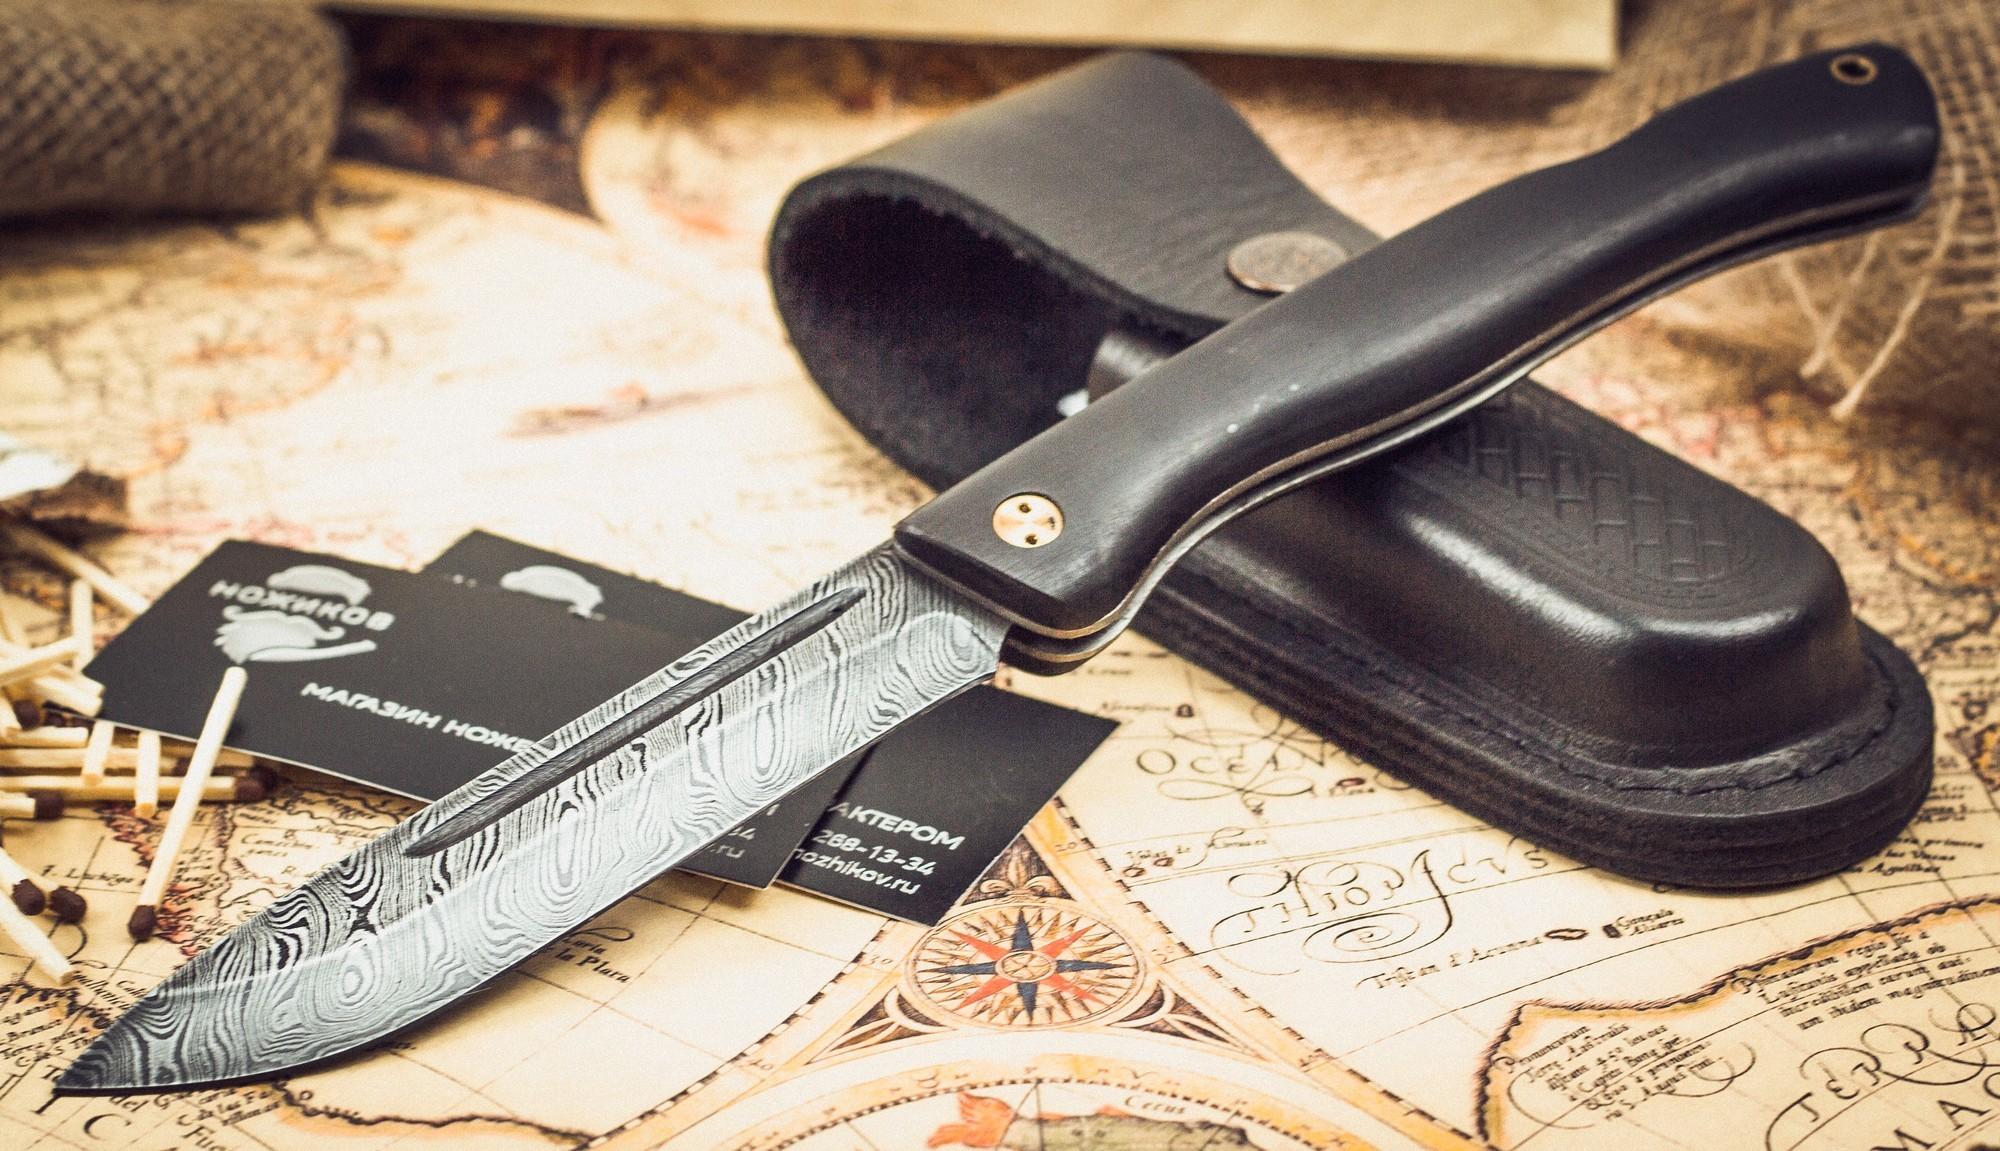 Складной нож Лесничий, дамаск, граб от Марычев